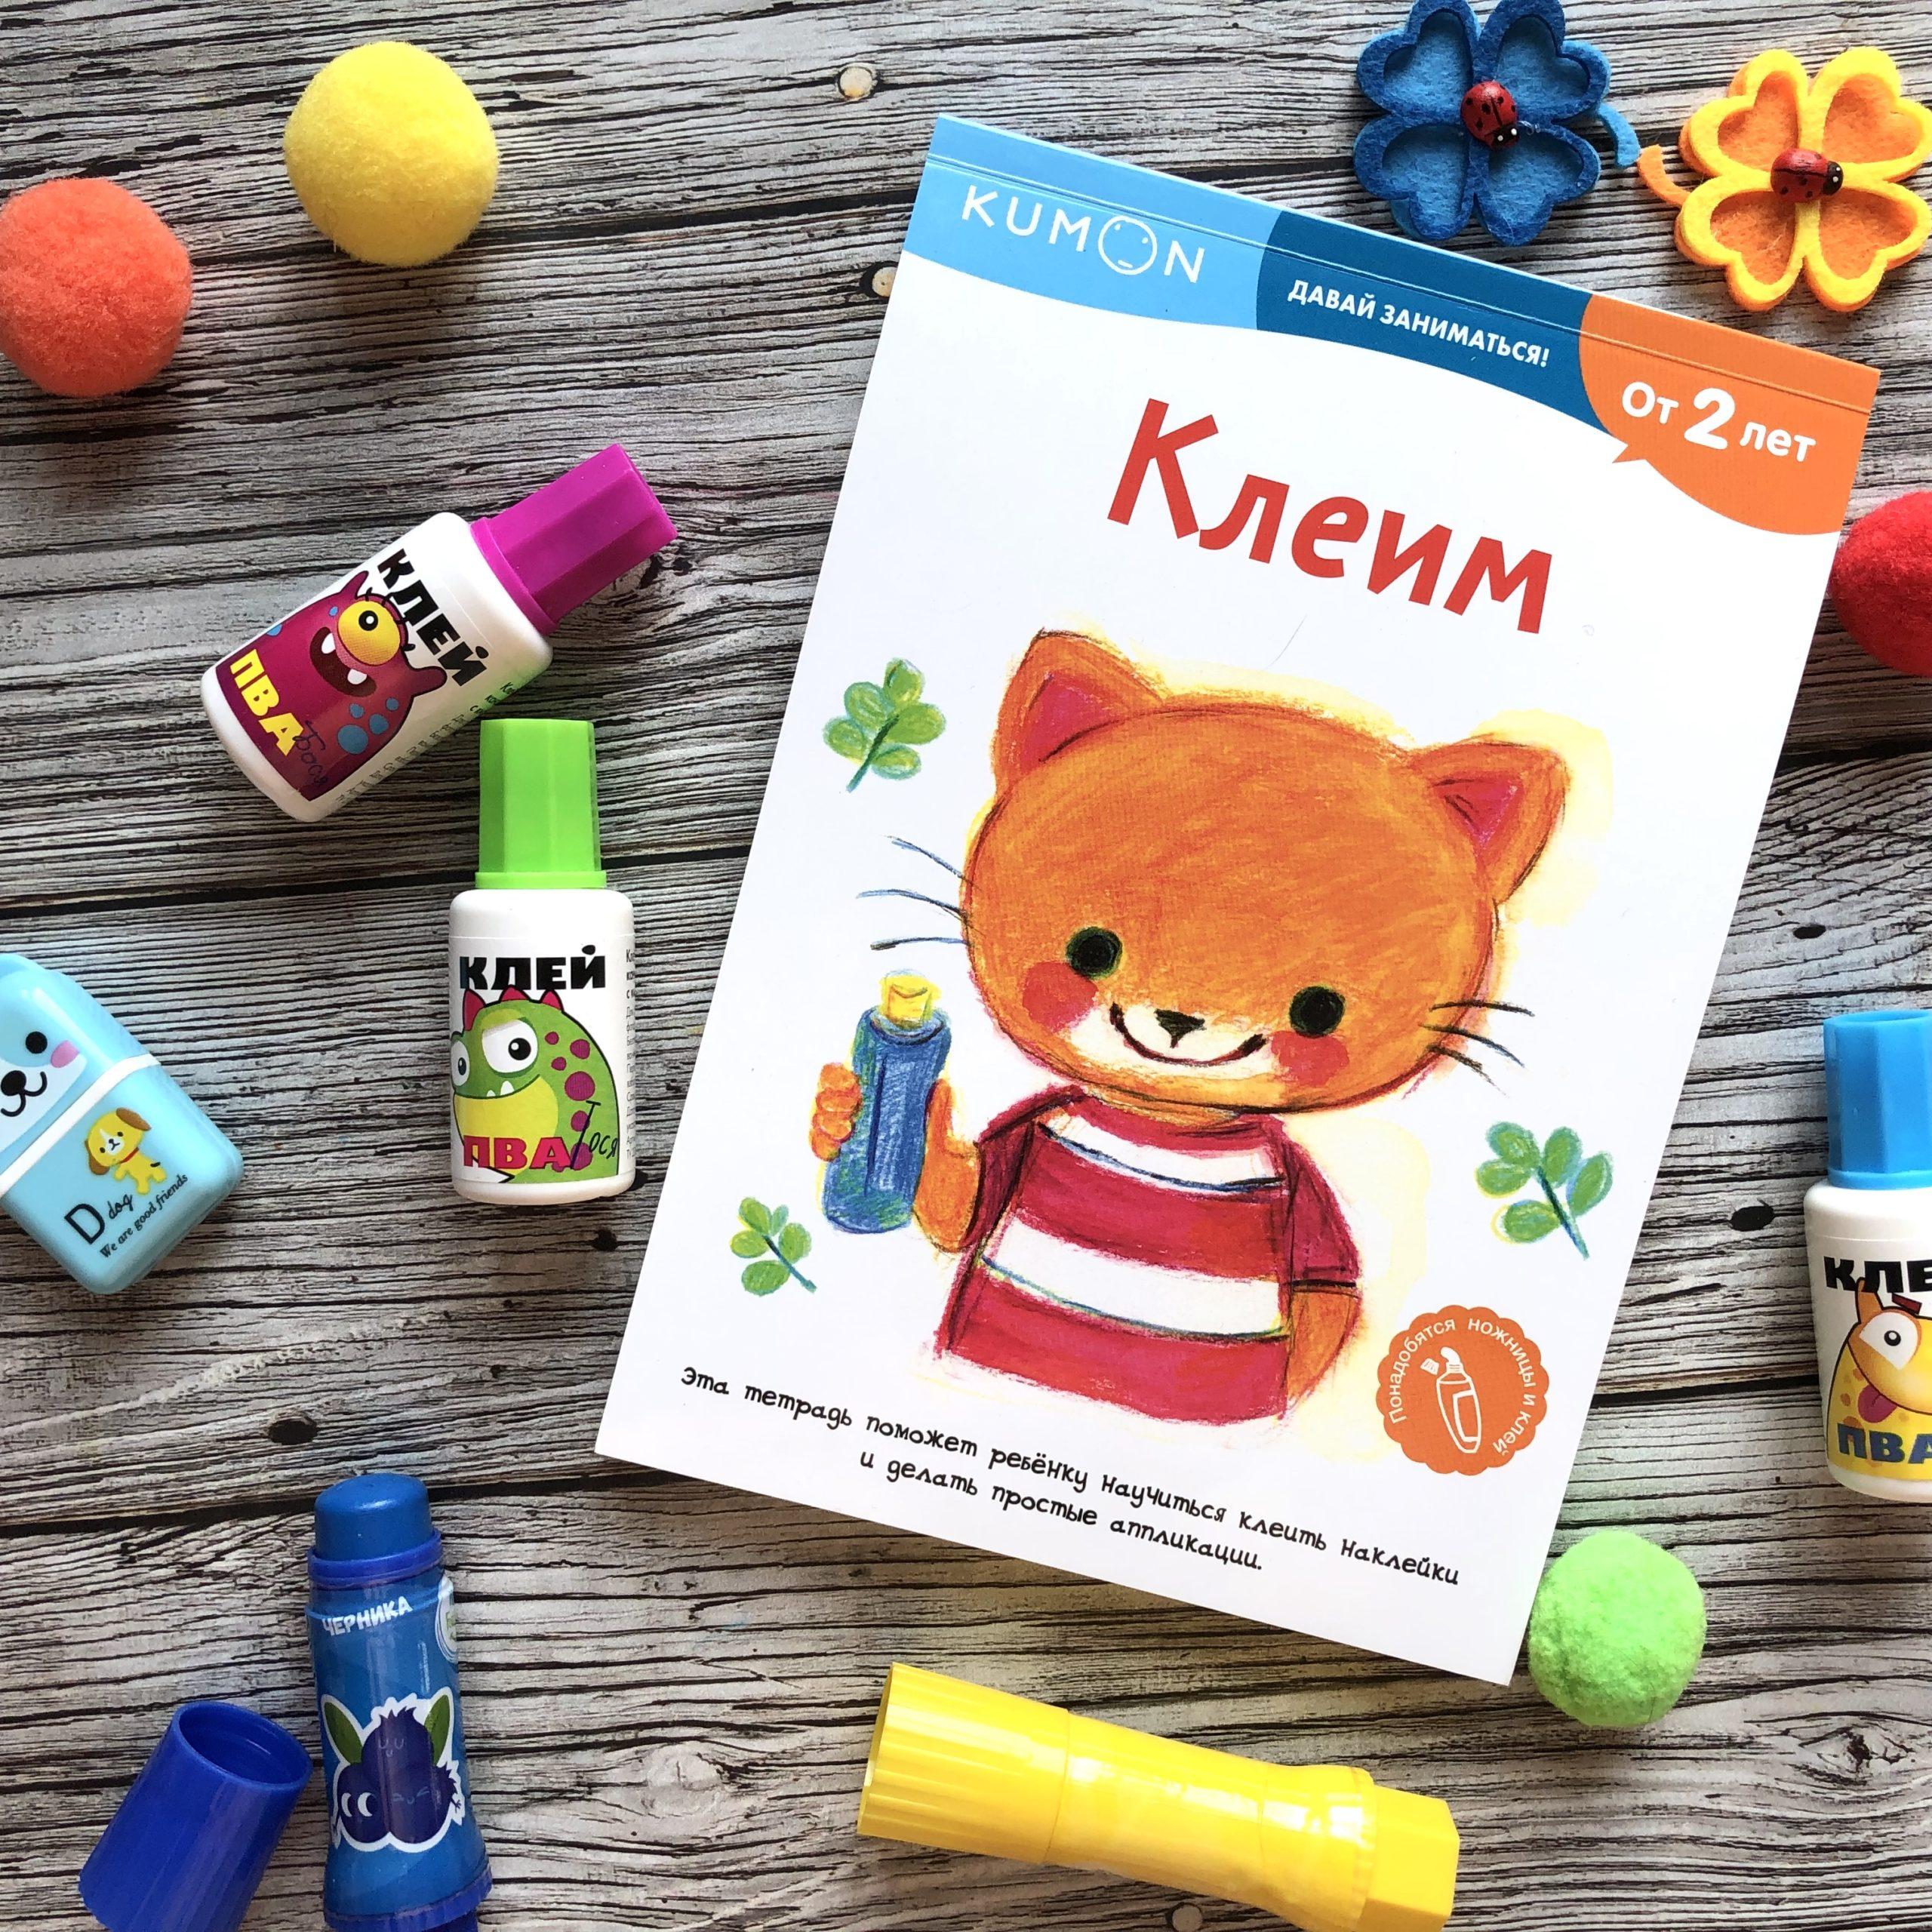 Давай заниматься - серия тетрадей KUMON для малышей 4